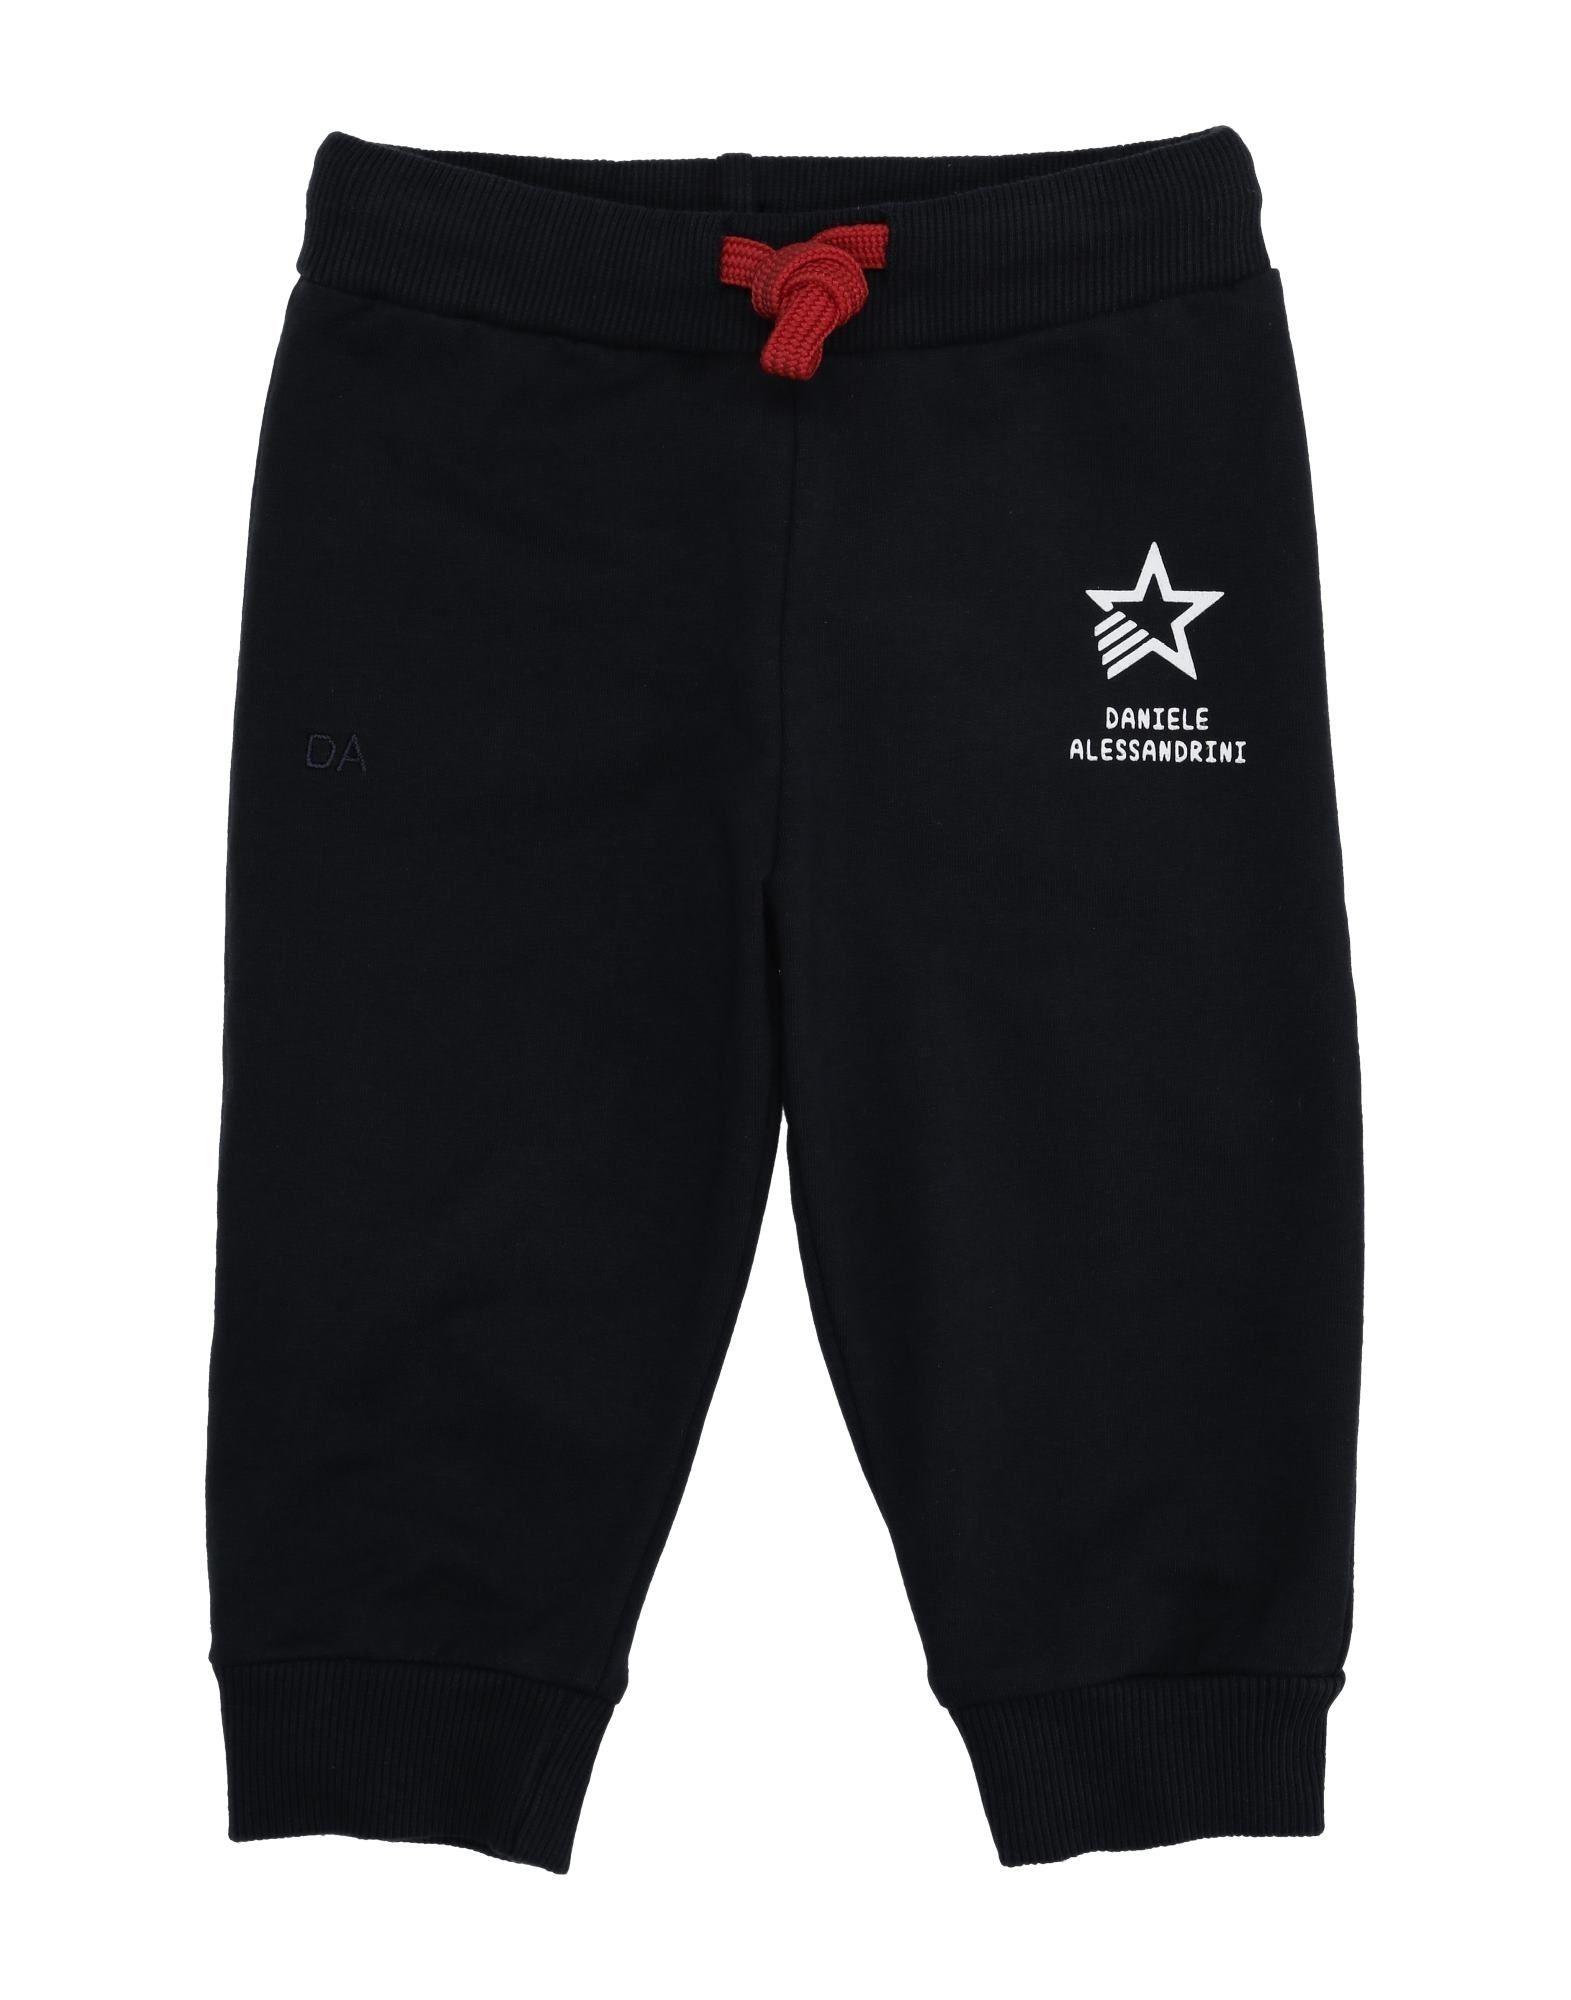 Daniele Alessandrini Kids' Casual Pants In Black